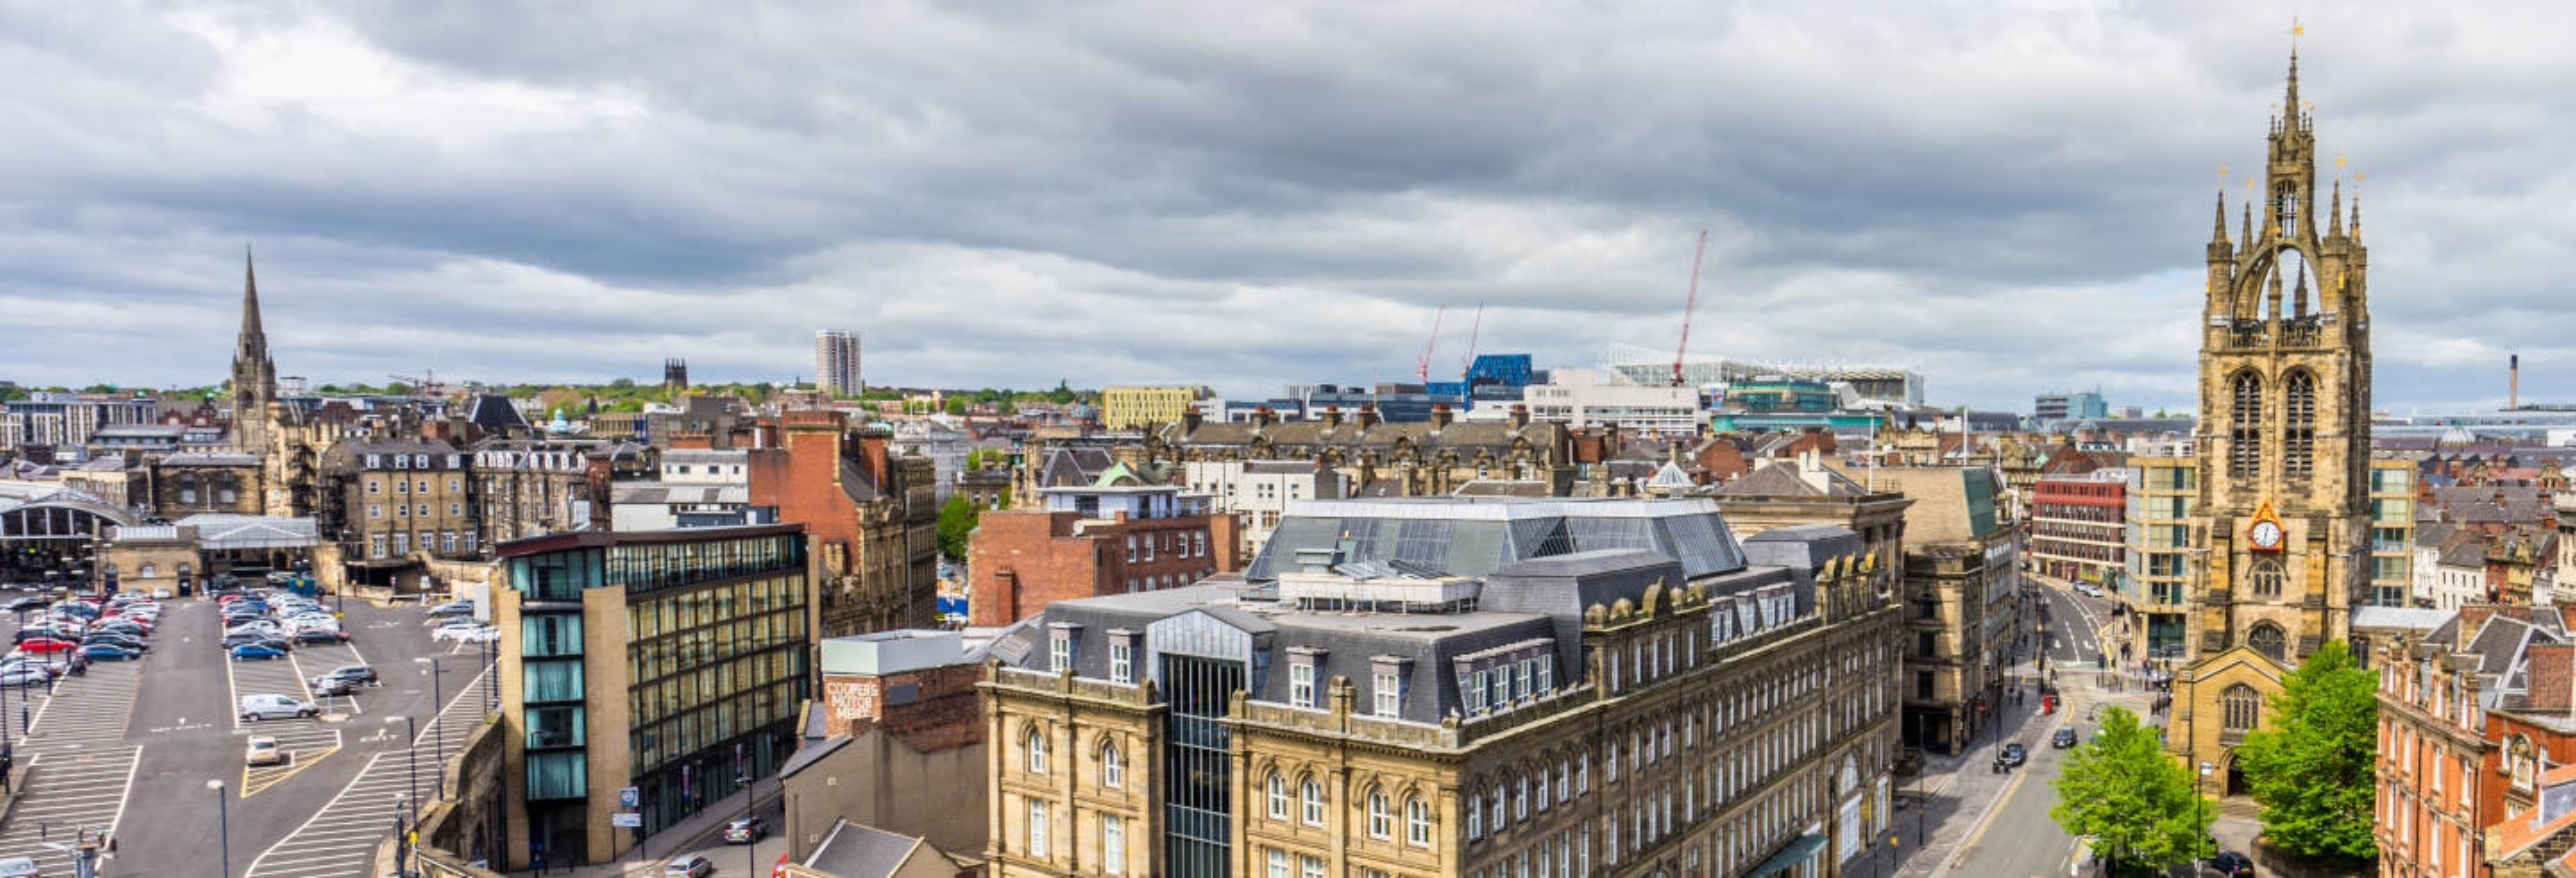 Tour dos mistérios e lendas de Newcastle